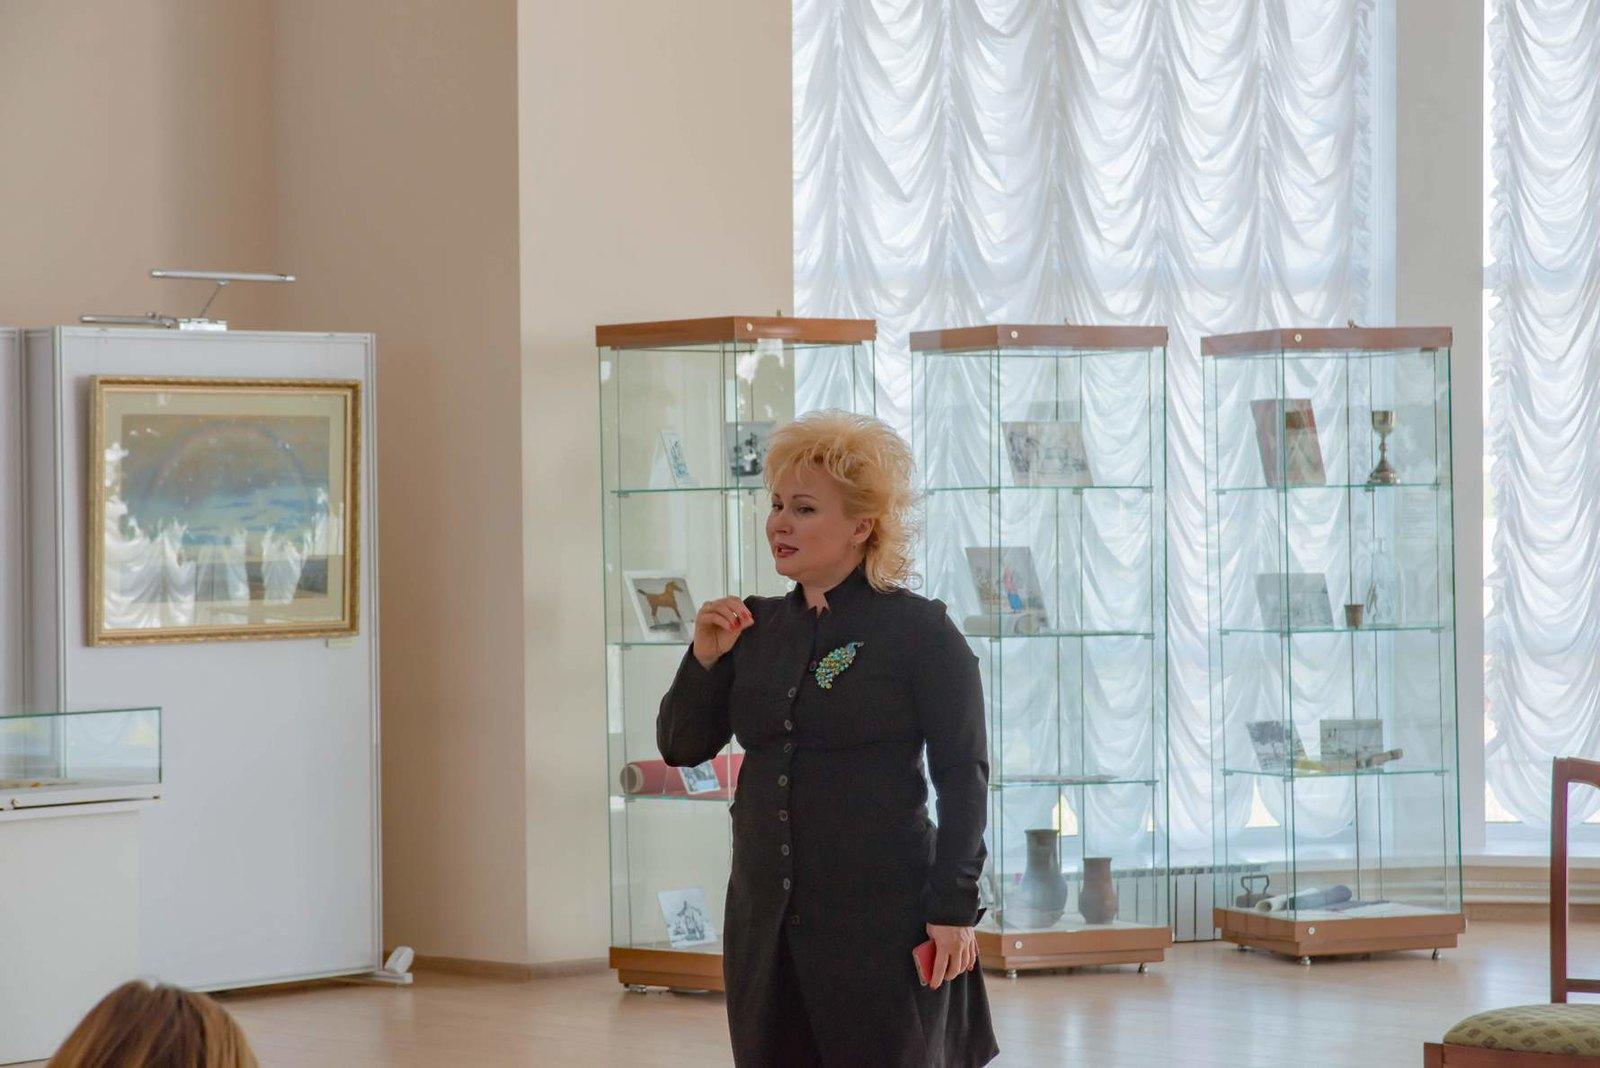 Тархова Алла Александровна заслуженный работник культуры РФ, кандидат исторических наук, певица, телеведущая